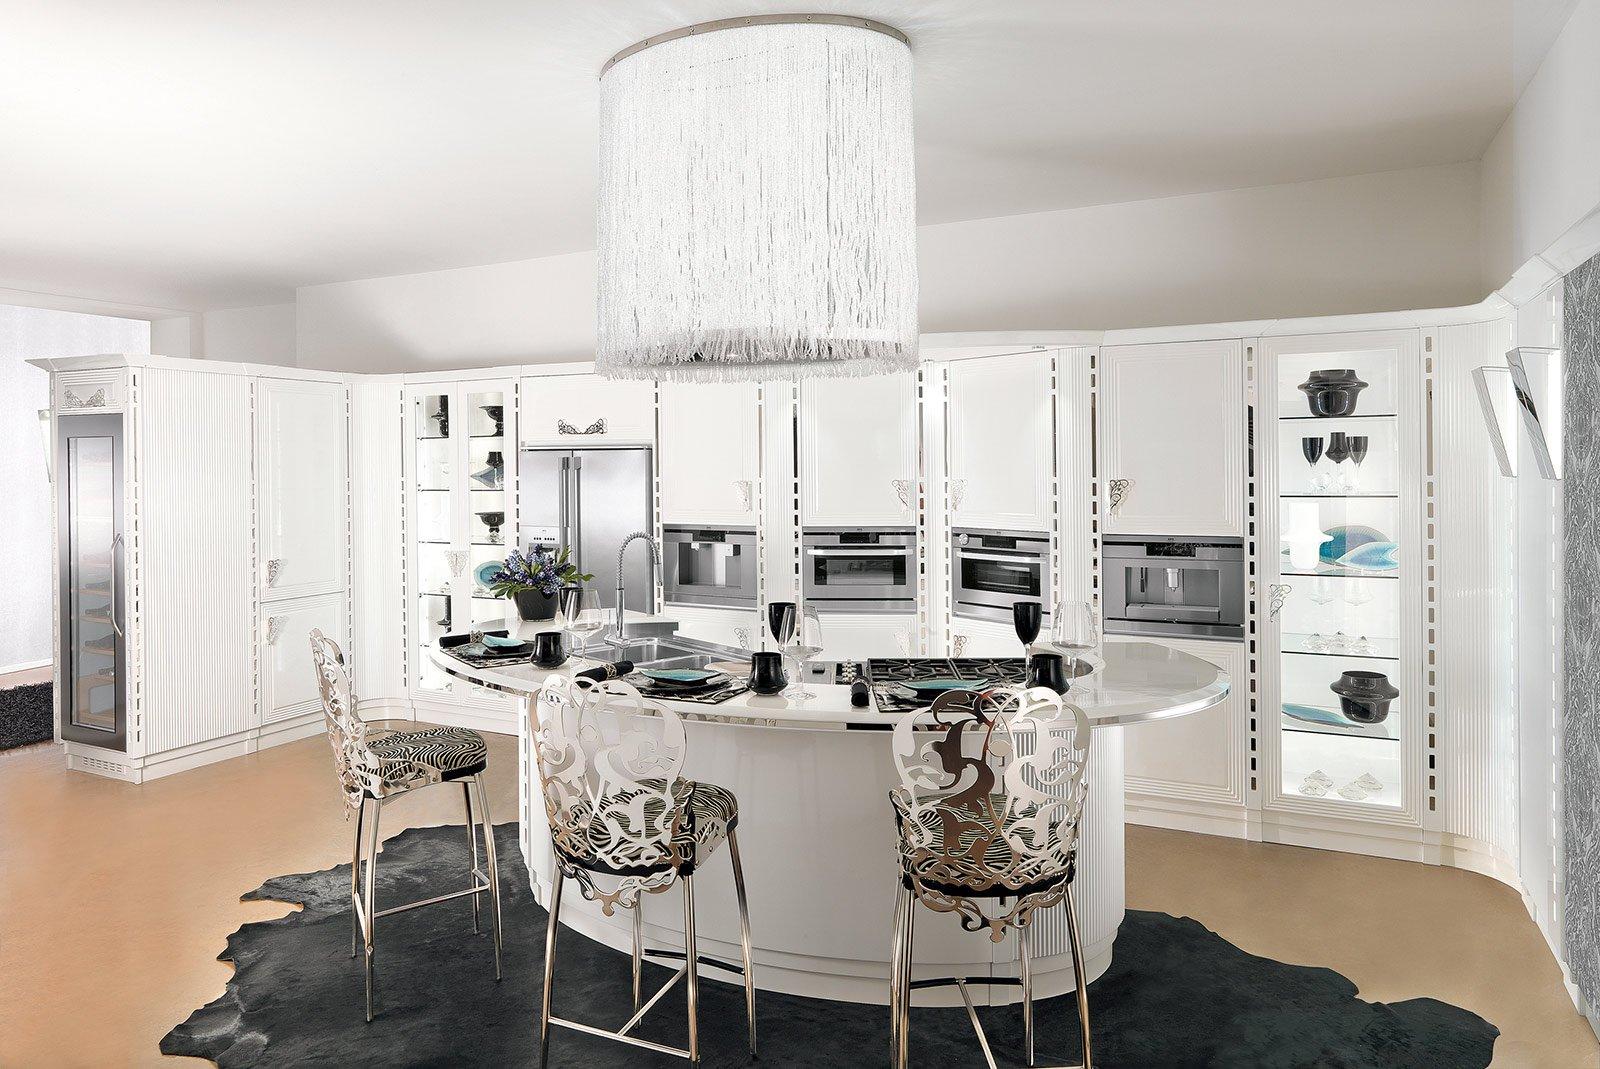 La cucina con lisola: monocromatica o bicolore - Cose di Casa